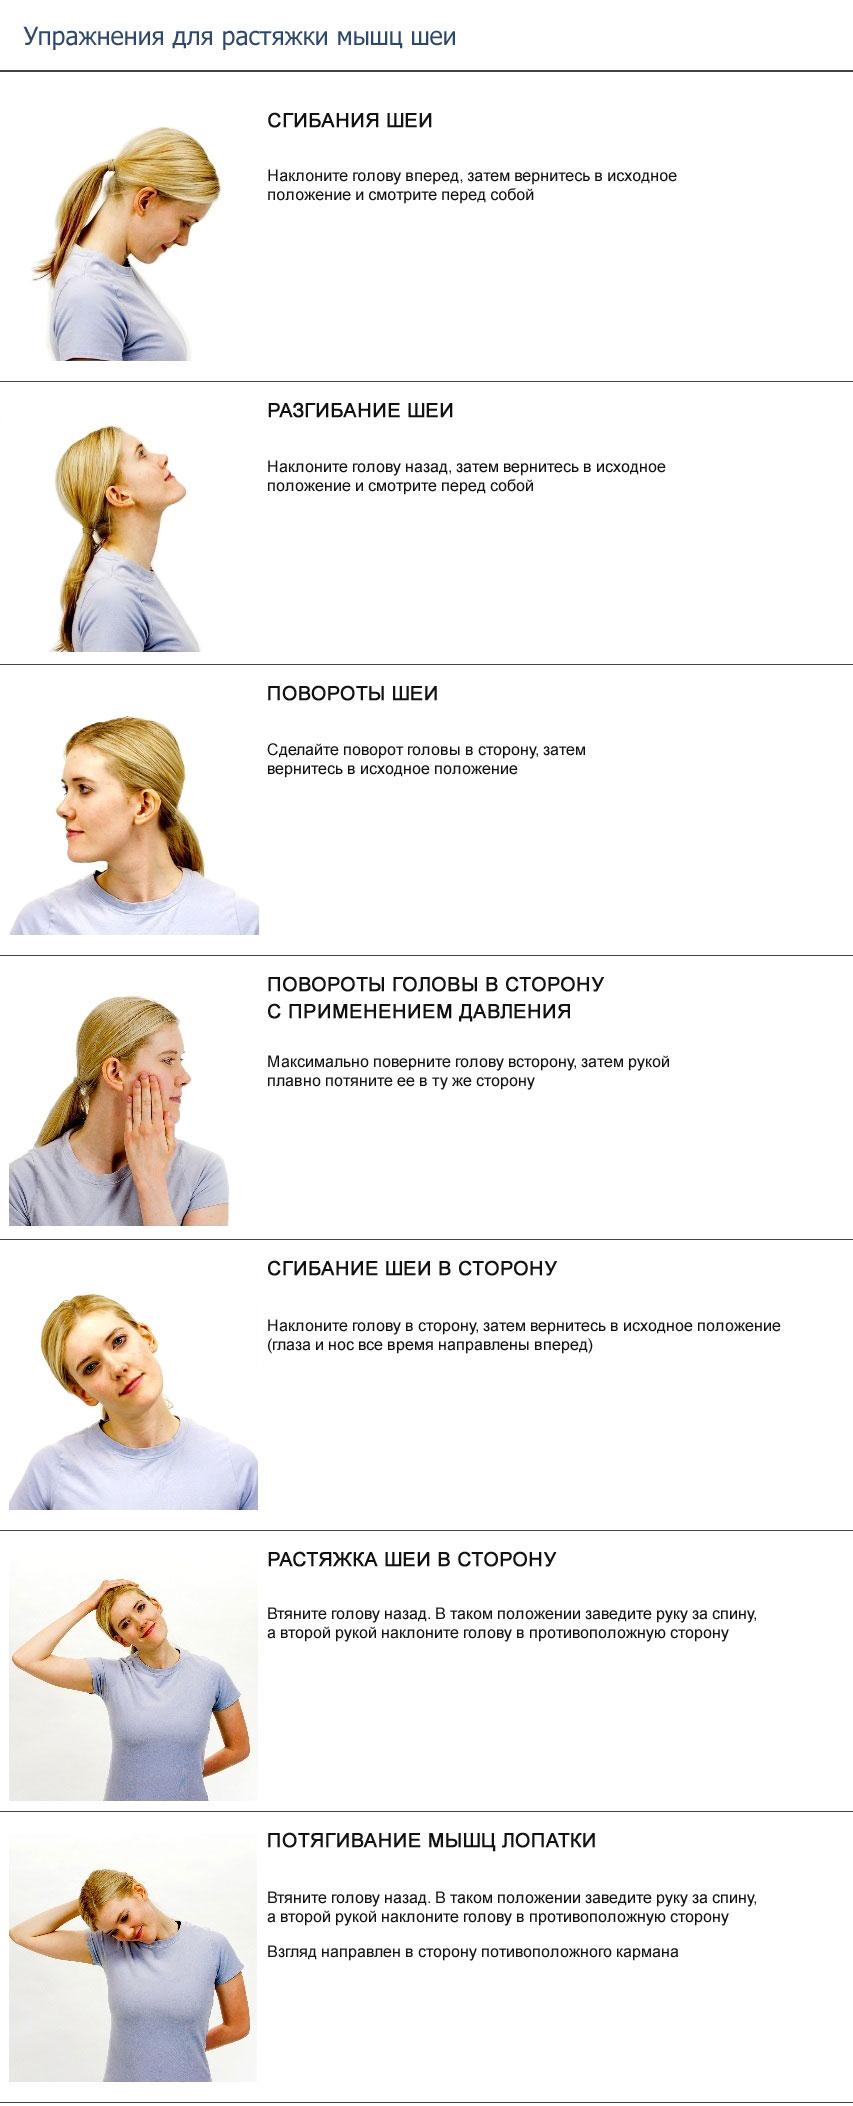 Реклама препарат для лечения боли в спине